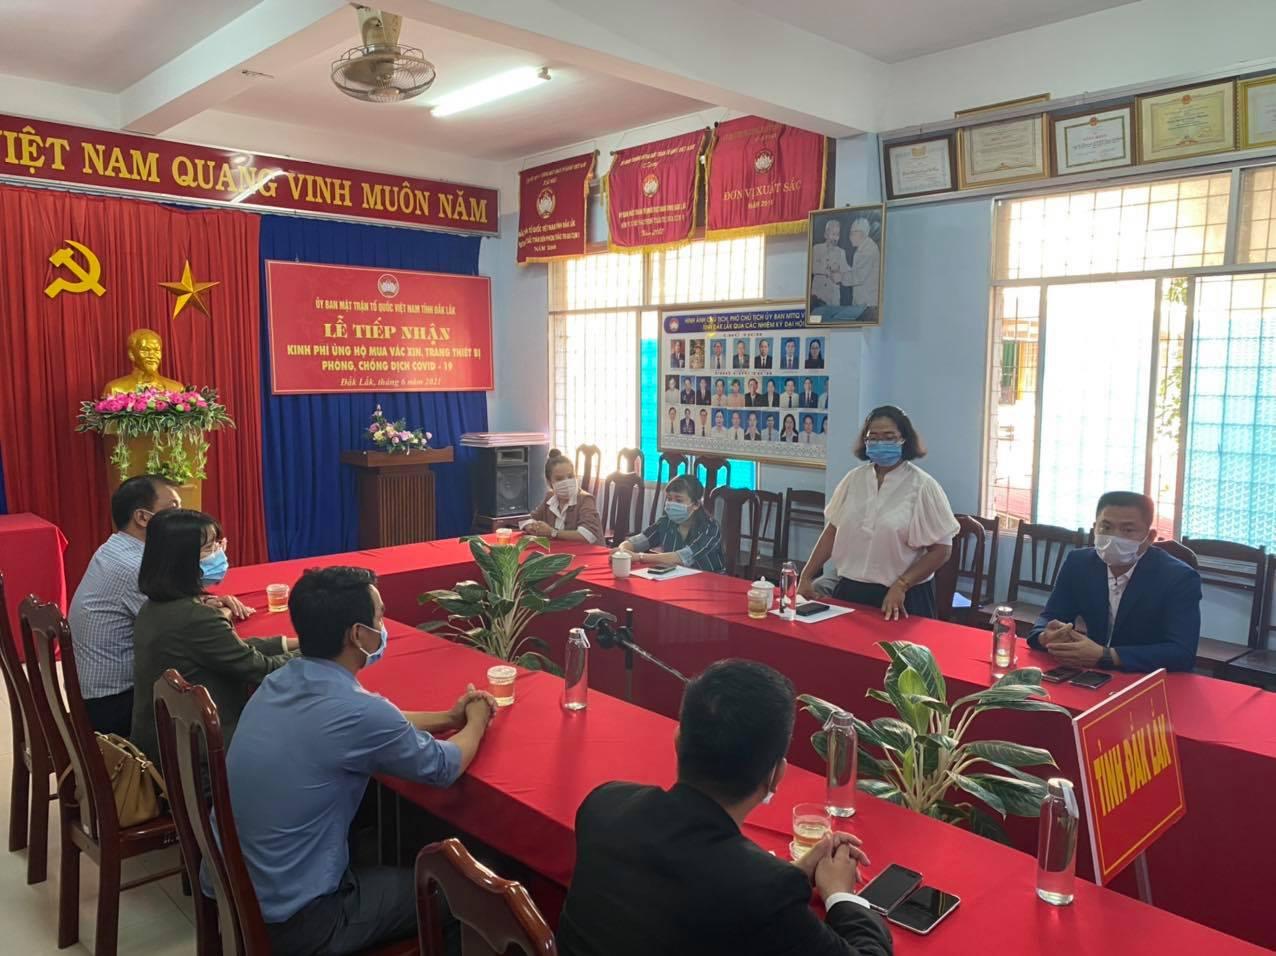 Công ty Thuỷ điện Buôn Kuốp chung tay phòng chống dịch Covid-19 - Ảnh 2.